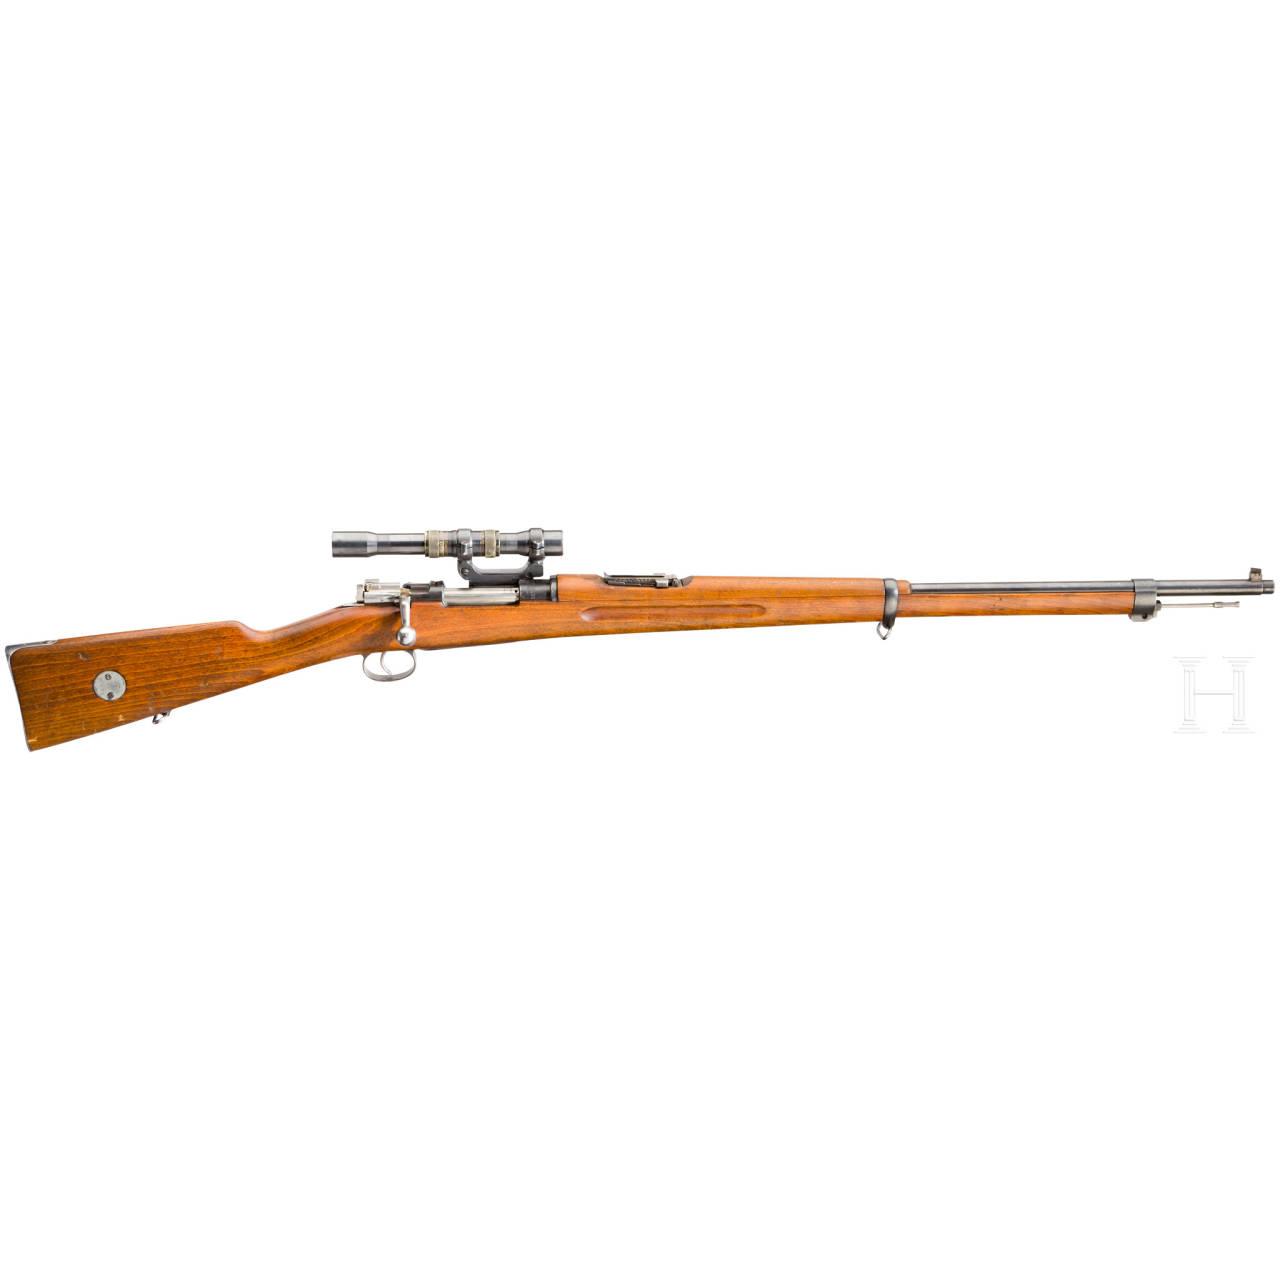 Scharfschützengewehr M 96, Carl Gustaf, mit ZF AGA m/42